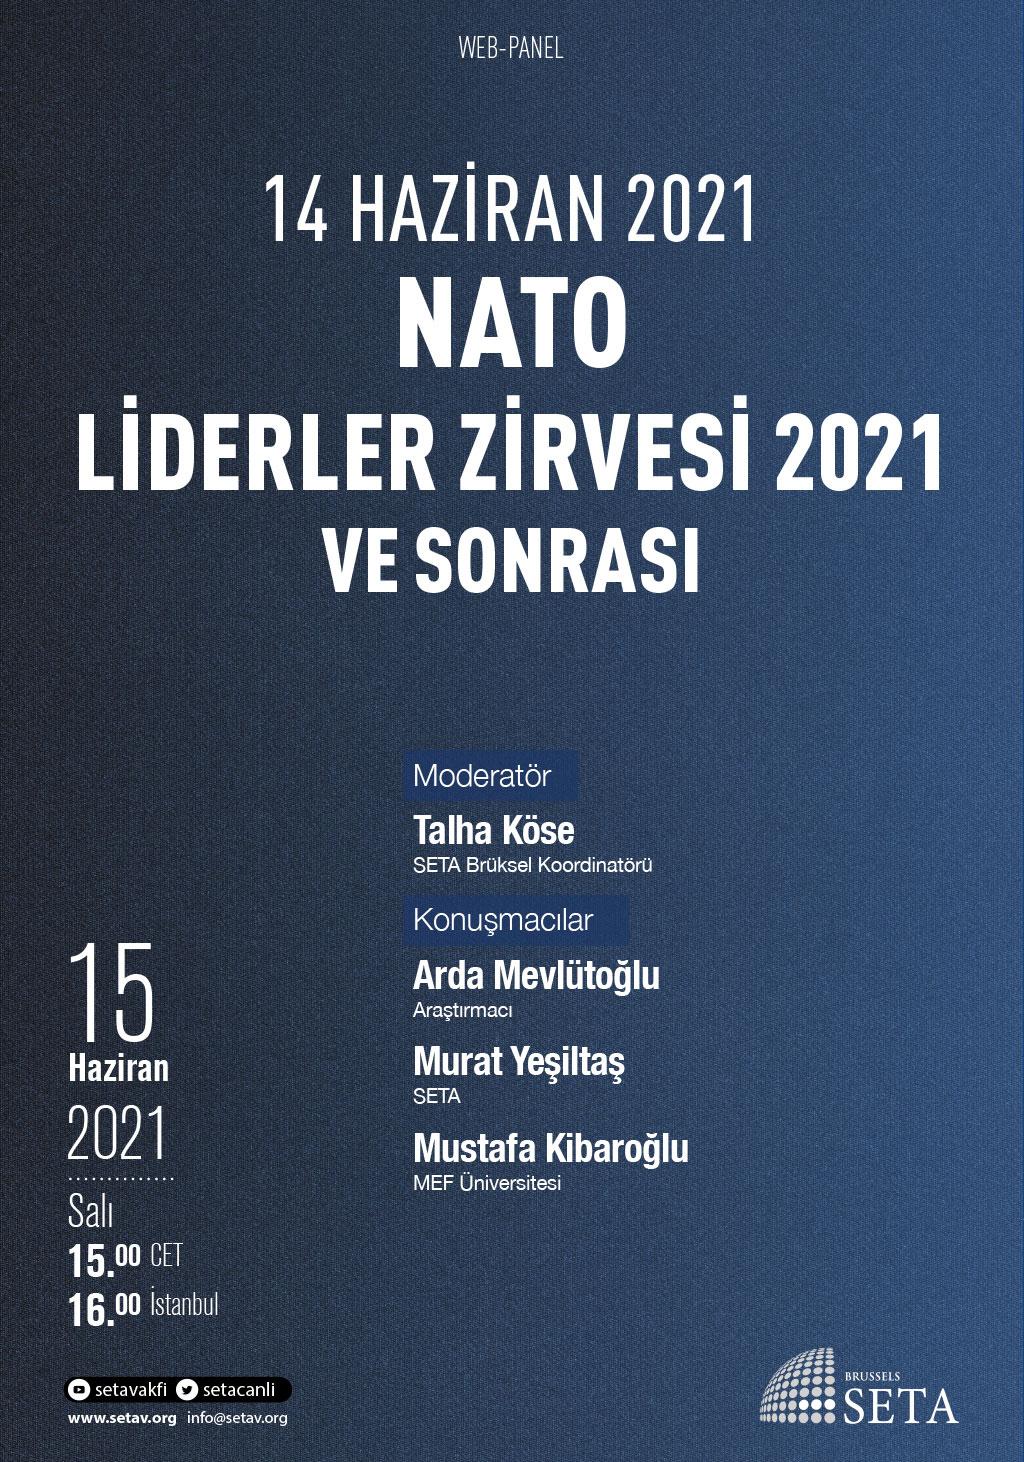 Web Panel: NATO Liderler Zirvesi 2021 ve Sonrası